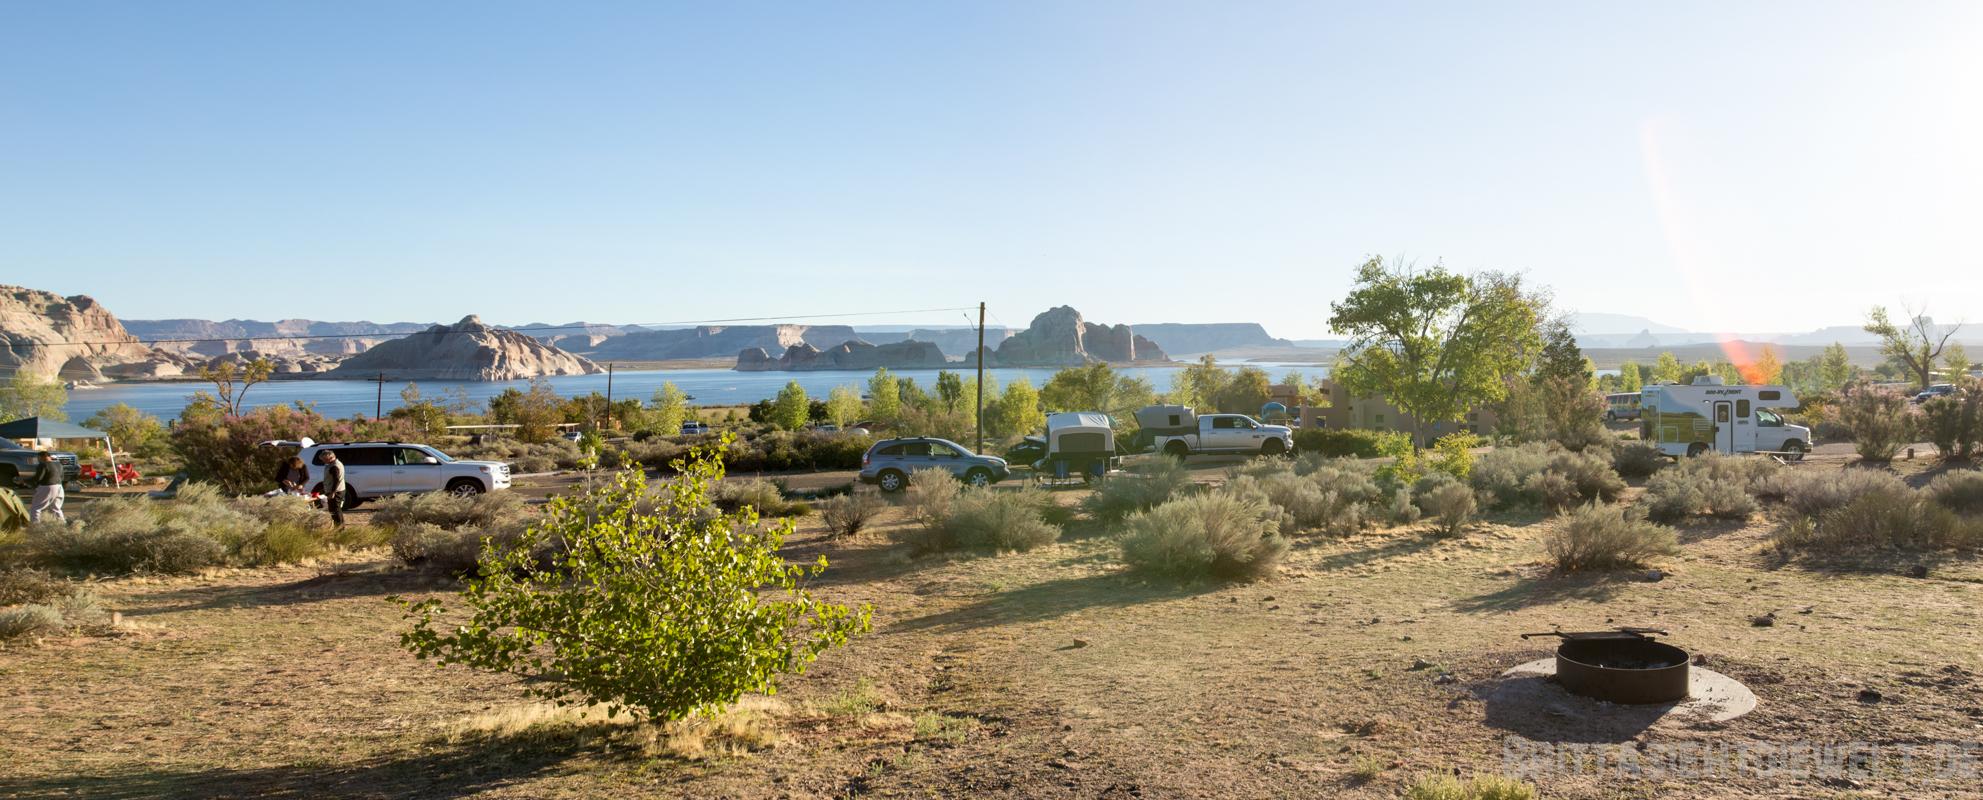 Lake,powell,wahweap,campground,page,sehenswürdigkeiten,tipps,herbst,oktober,usa,südwesten,rundreise,camper,jucy,campervan,arizona